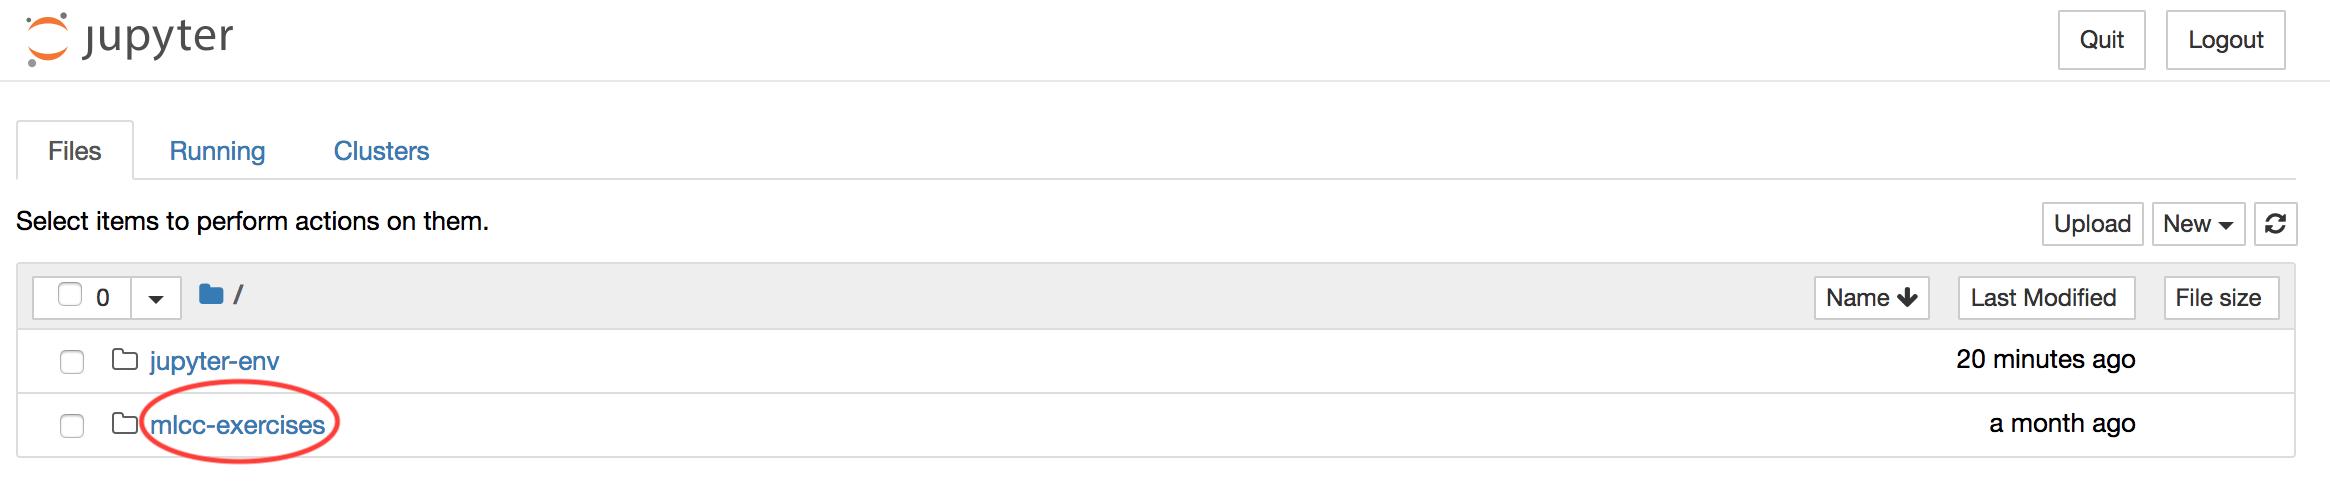 """Capture d'écran de l'interface du navigateur de fichiers Jupyter avec le répertoire """"mlcc-exercises"""" entouré"""